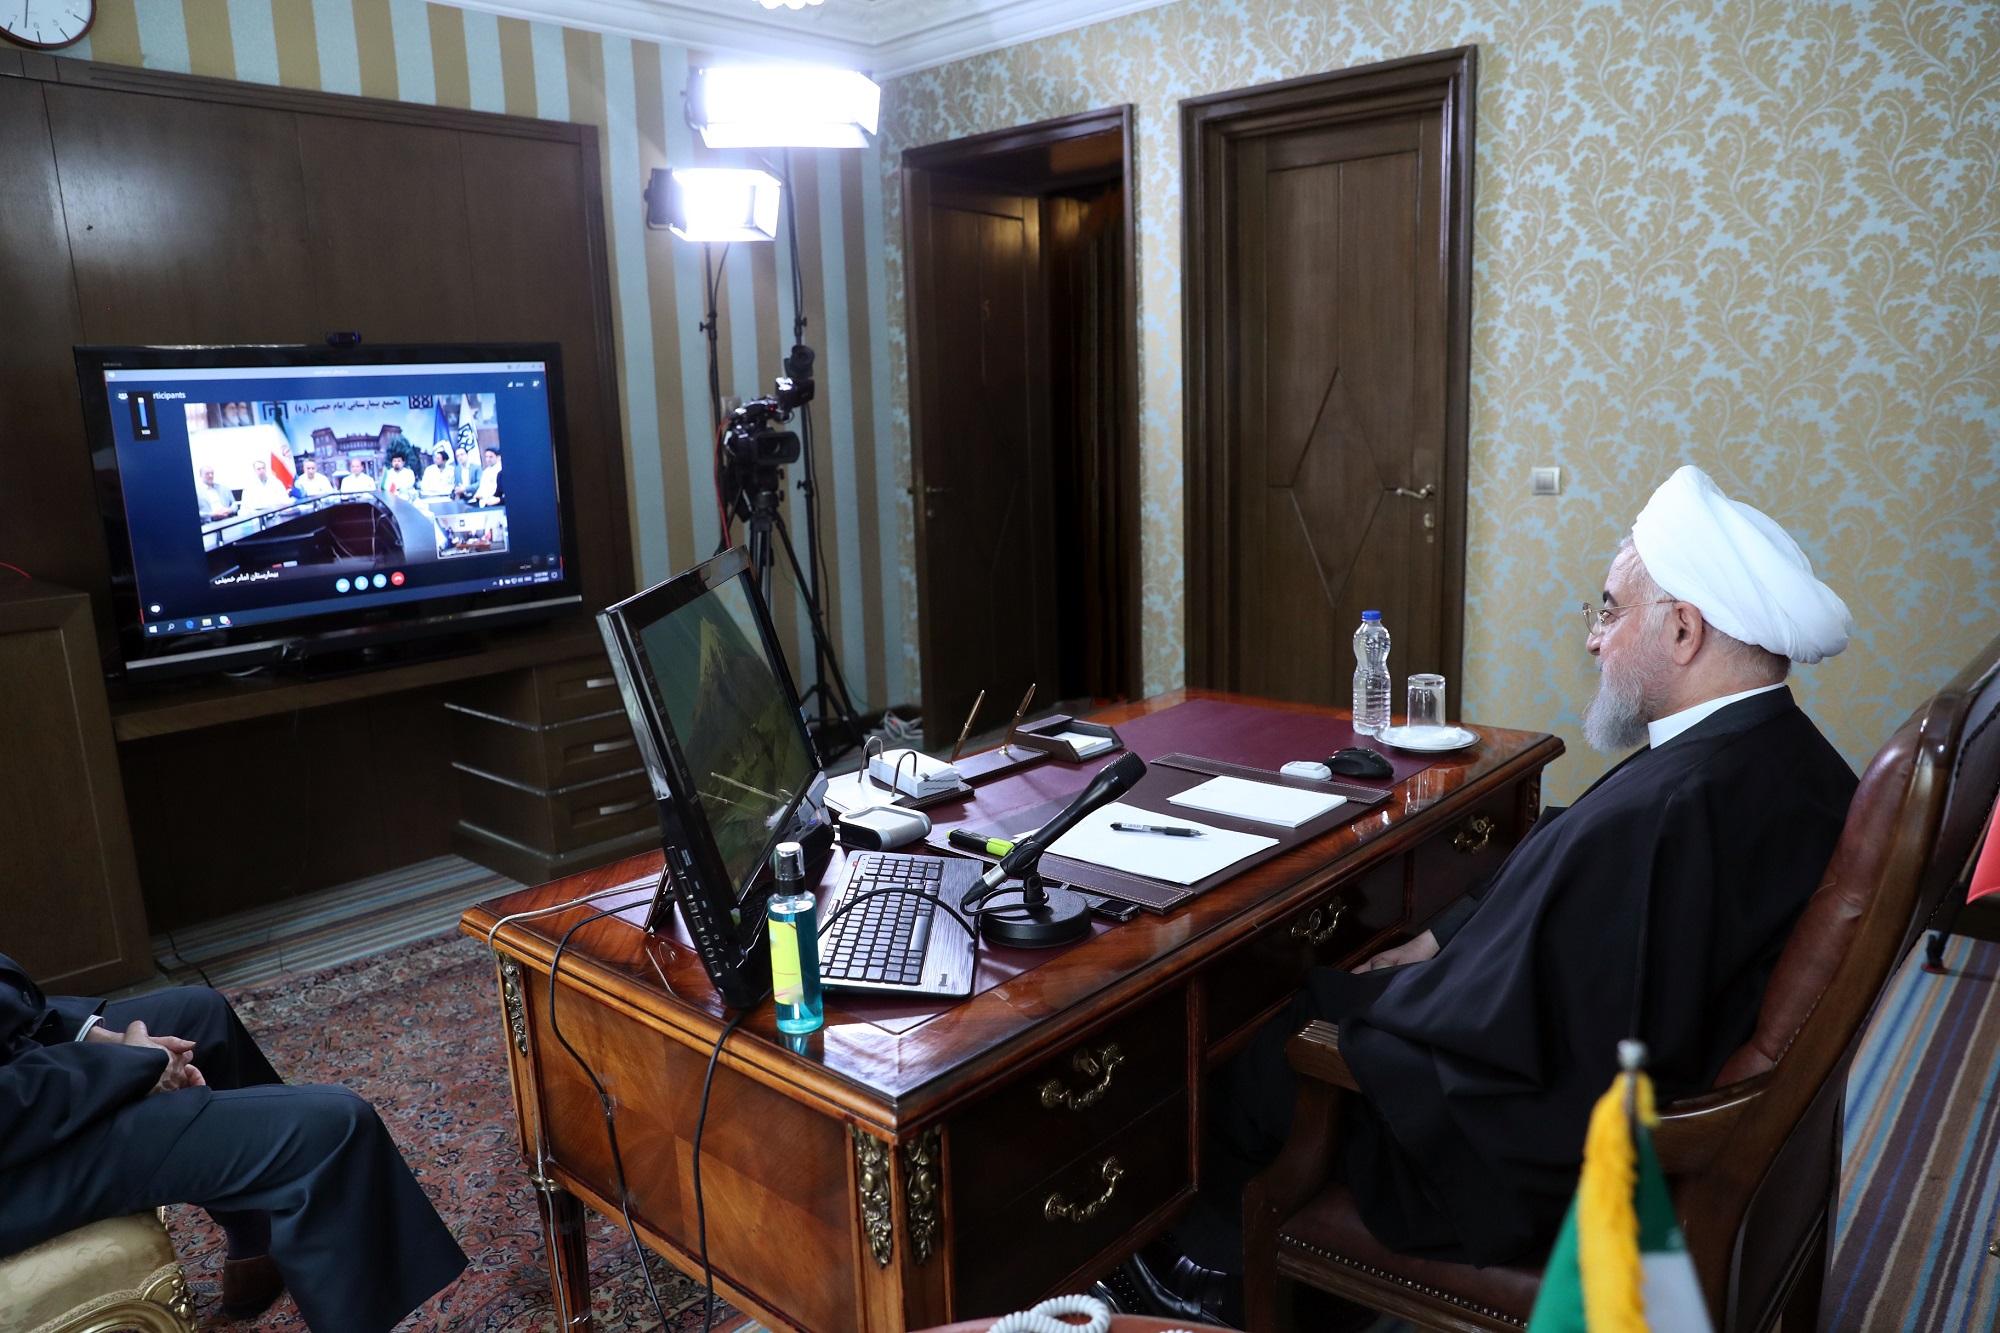 ترک اعتراضی جلسه ویدئو کنفرانس با رئیس جمهور توسط نمایندگان خوزستان